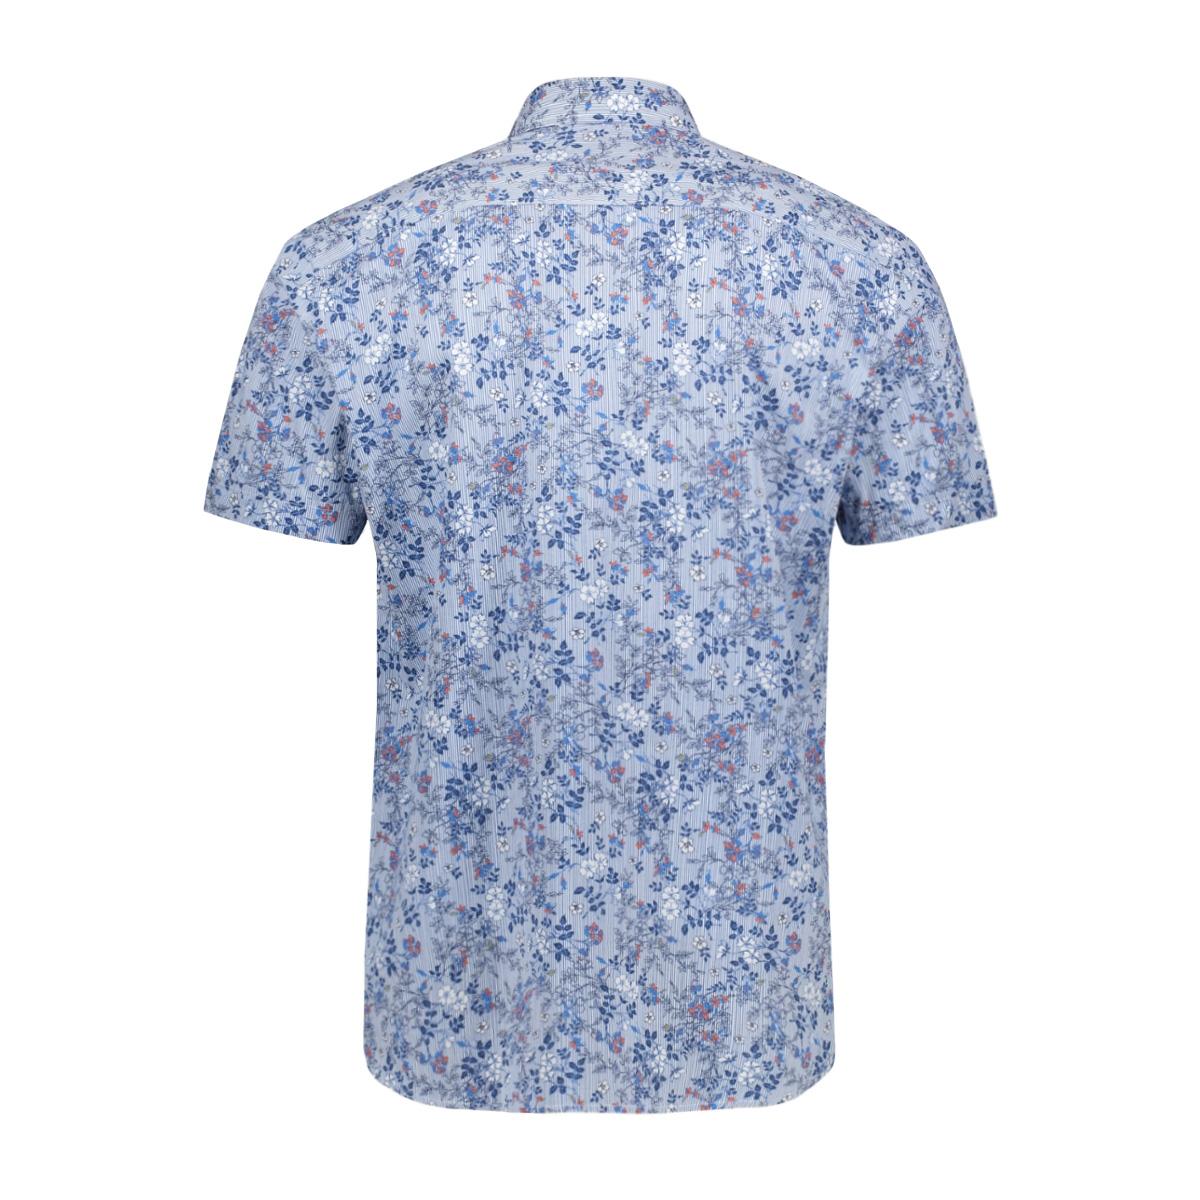 bedrukt overhemd 39024 2073 dnr overhemd 2030 blauw combi